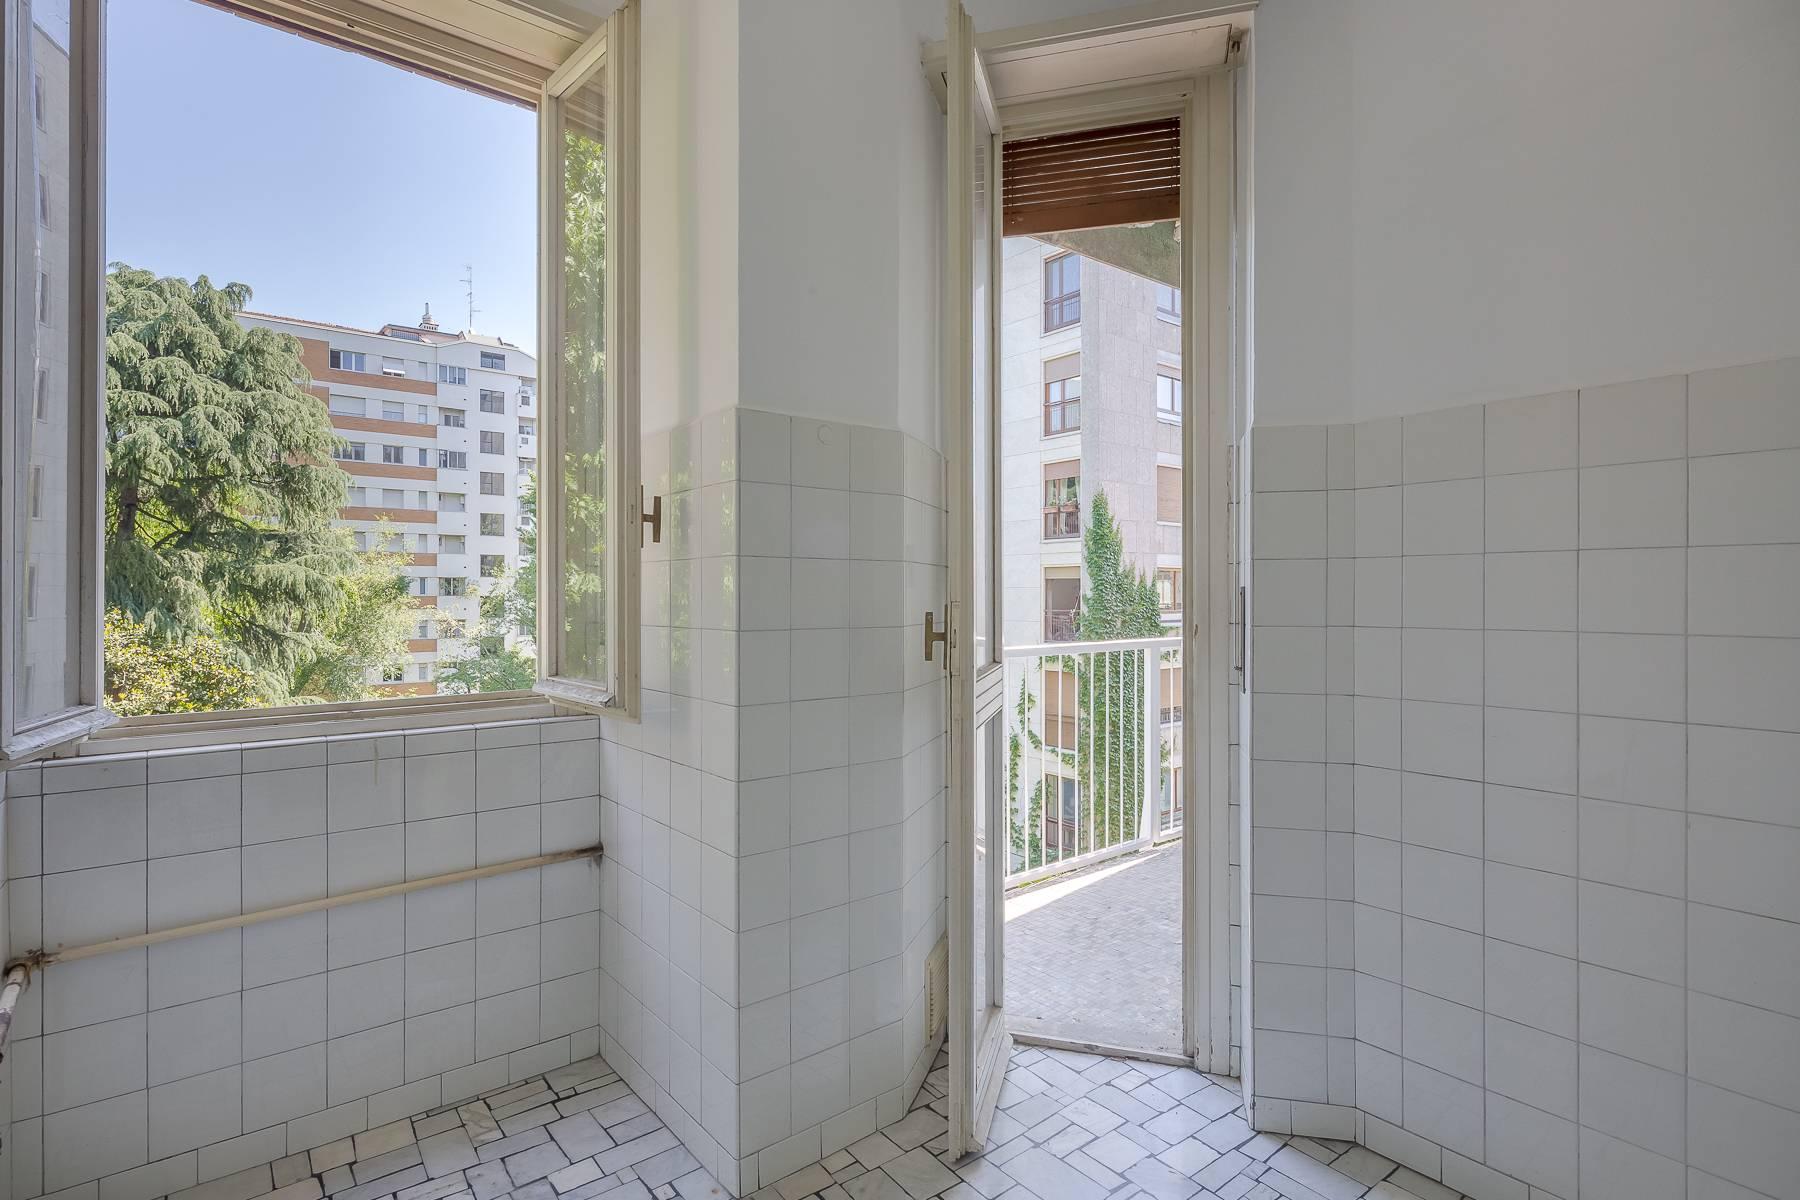 Appartamento in Vendita a Milano: 5 locali, 150 mq - Foto 17